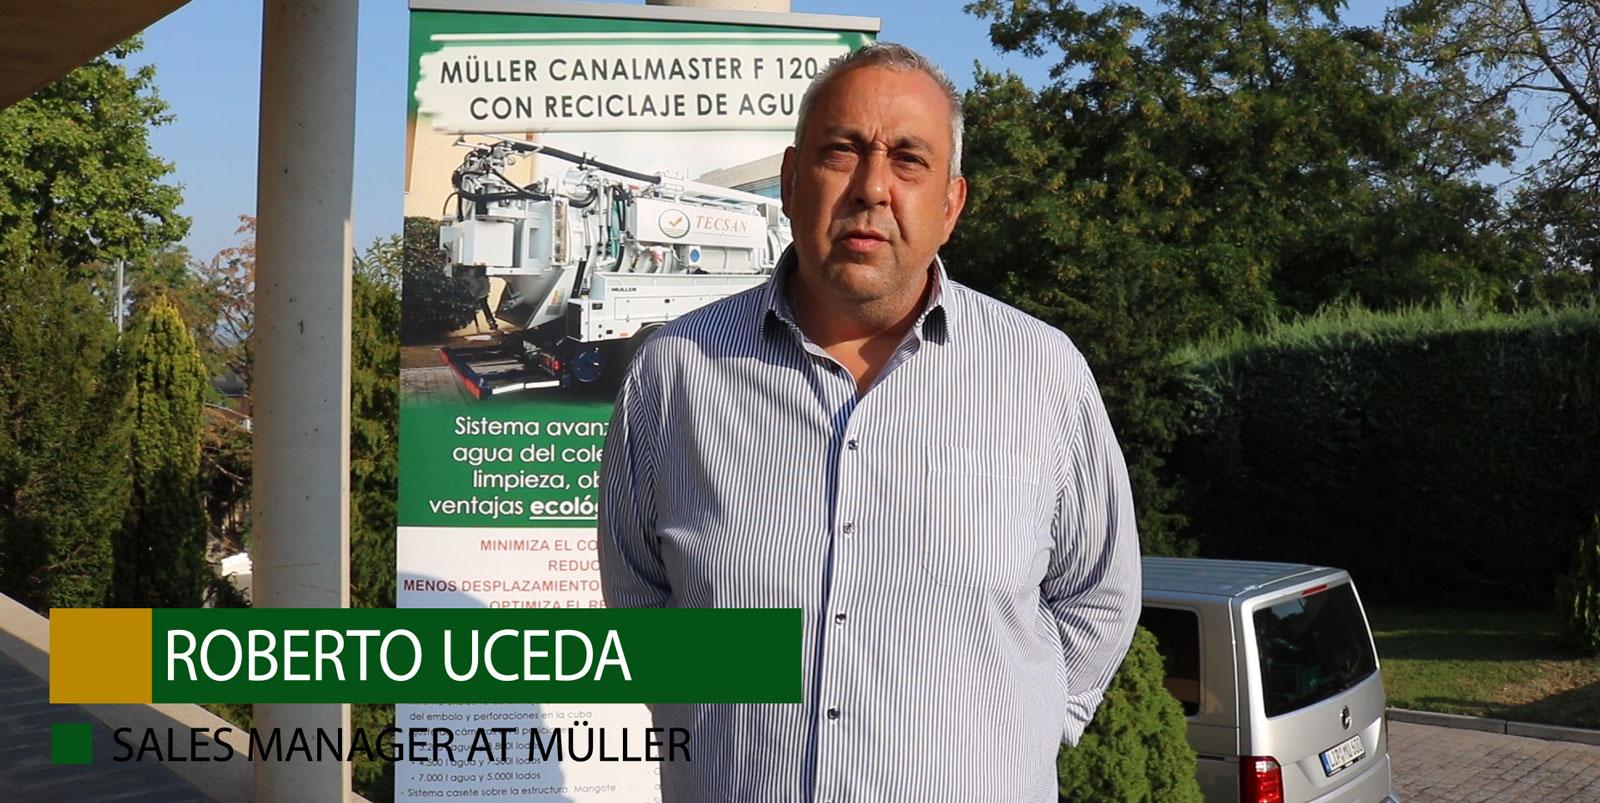 Entrevista a Roberto Uceda, Sales Manager en Müller Umwelttechnik GmbH & Co